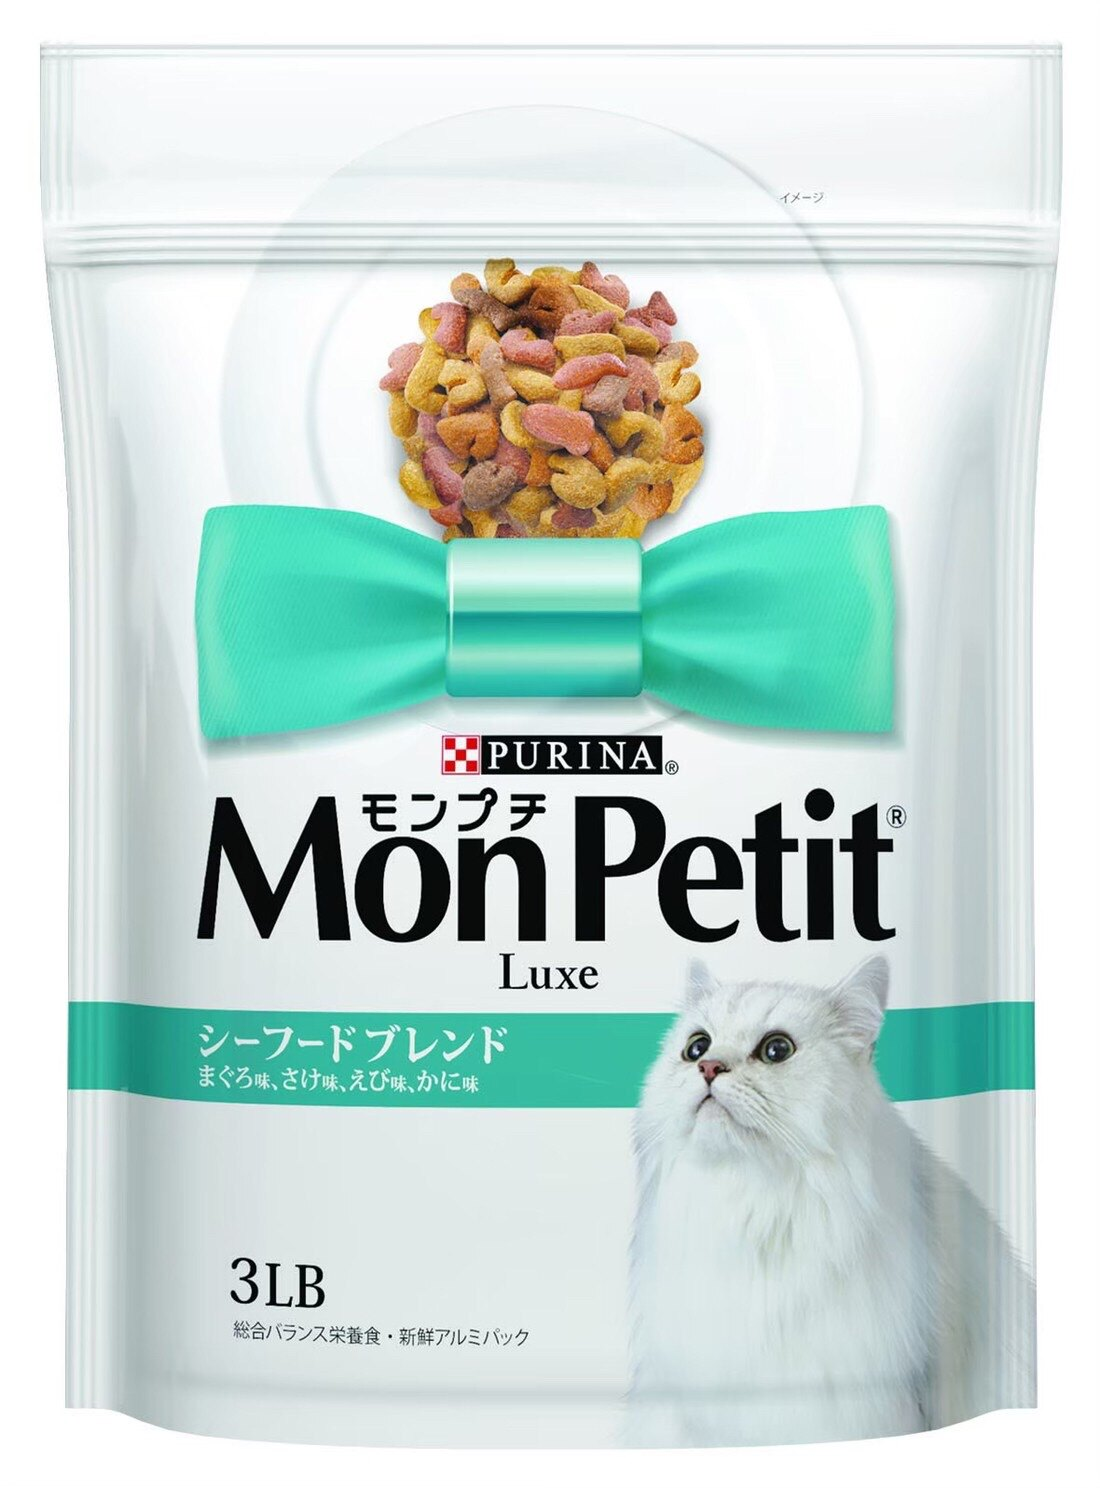 貓倍麗 MonPetit 成貓乾糧 【海鮮拼盤配方】1.36kg